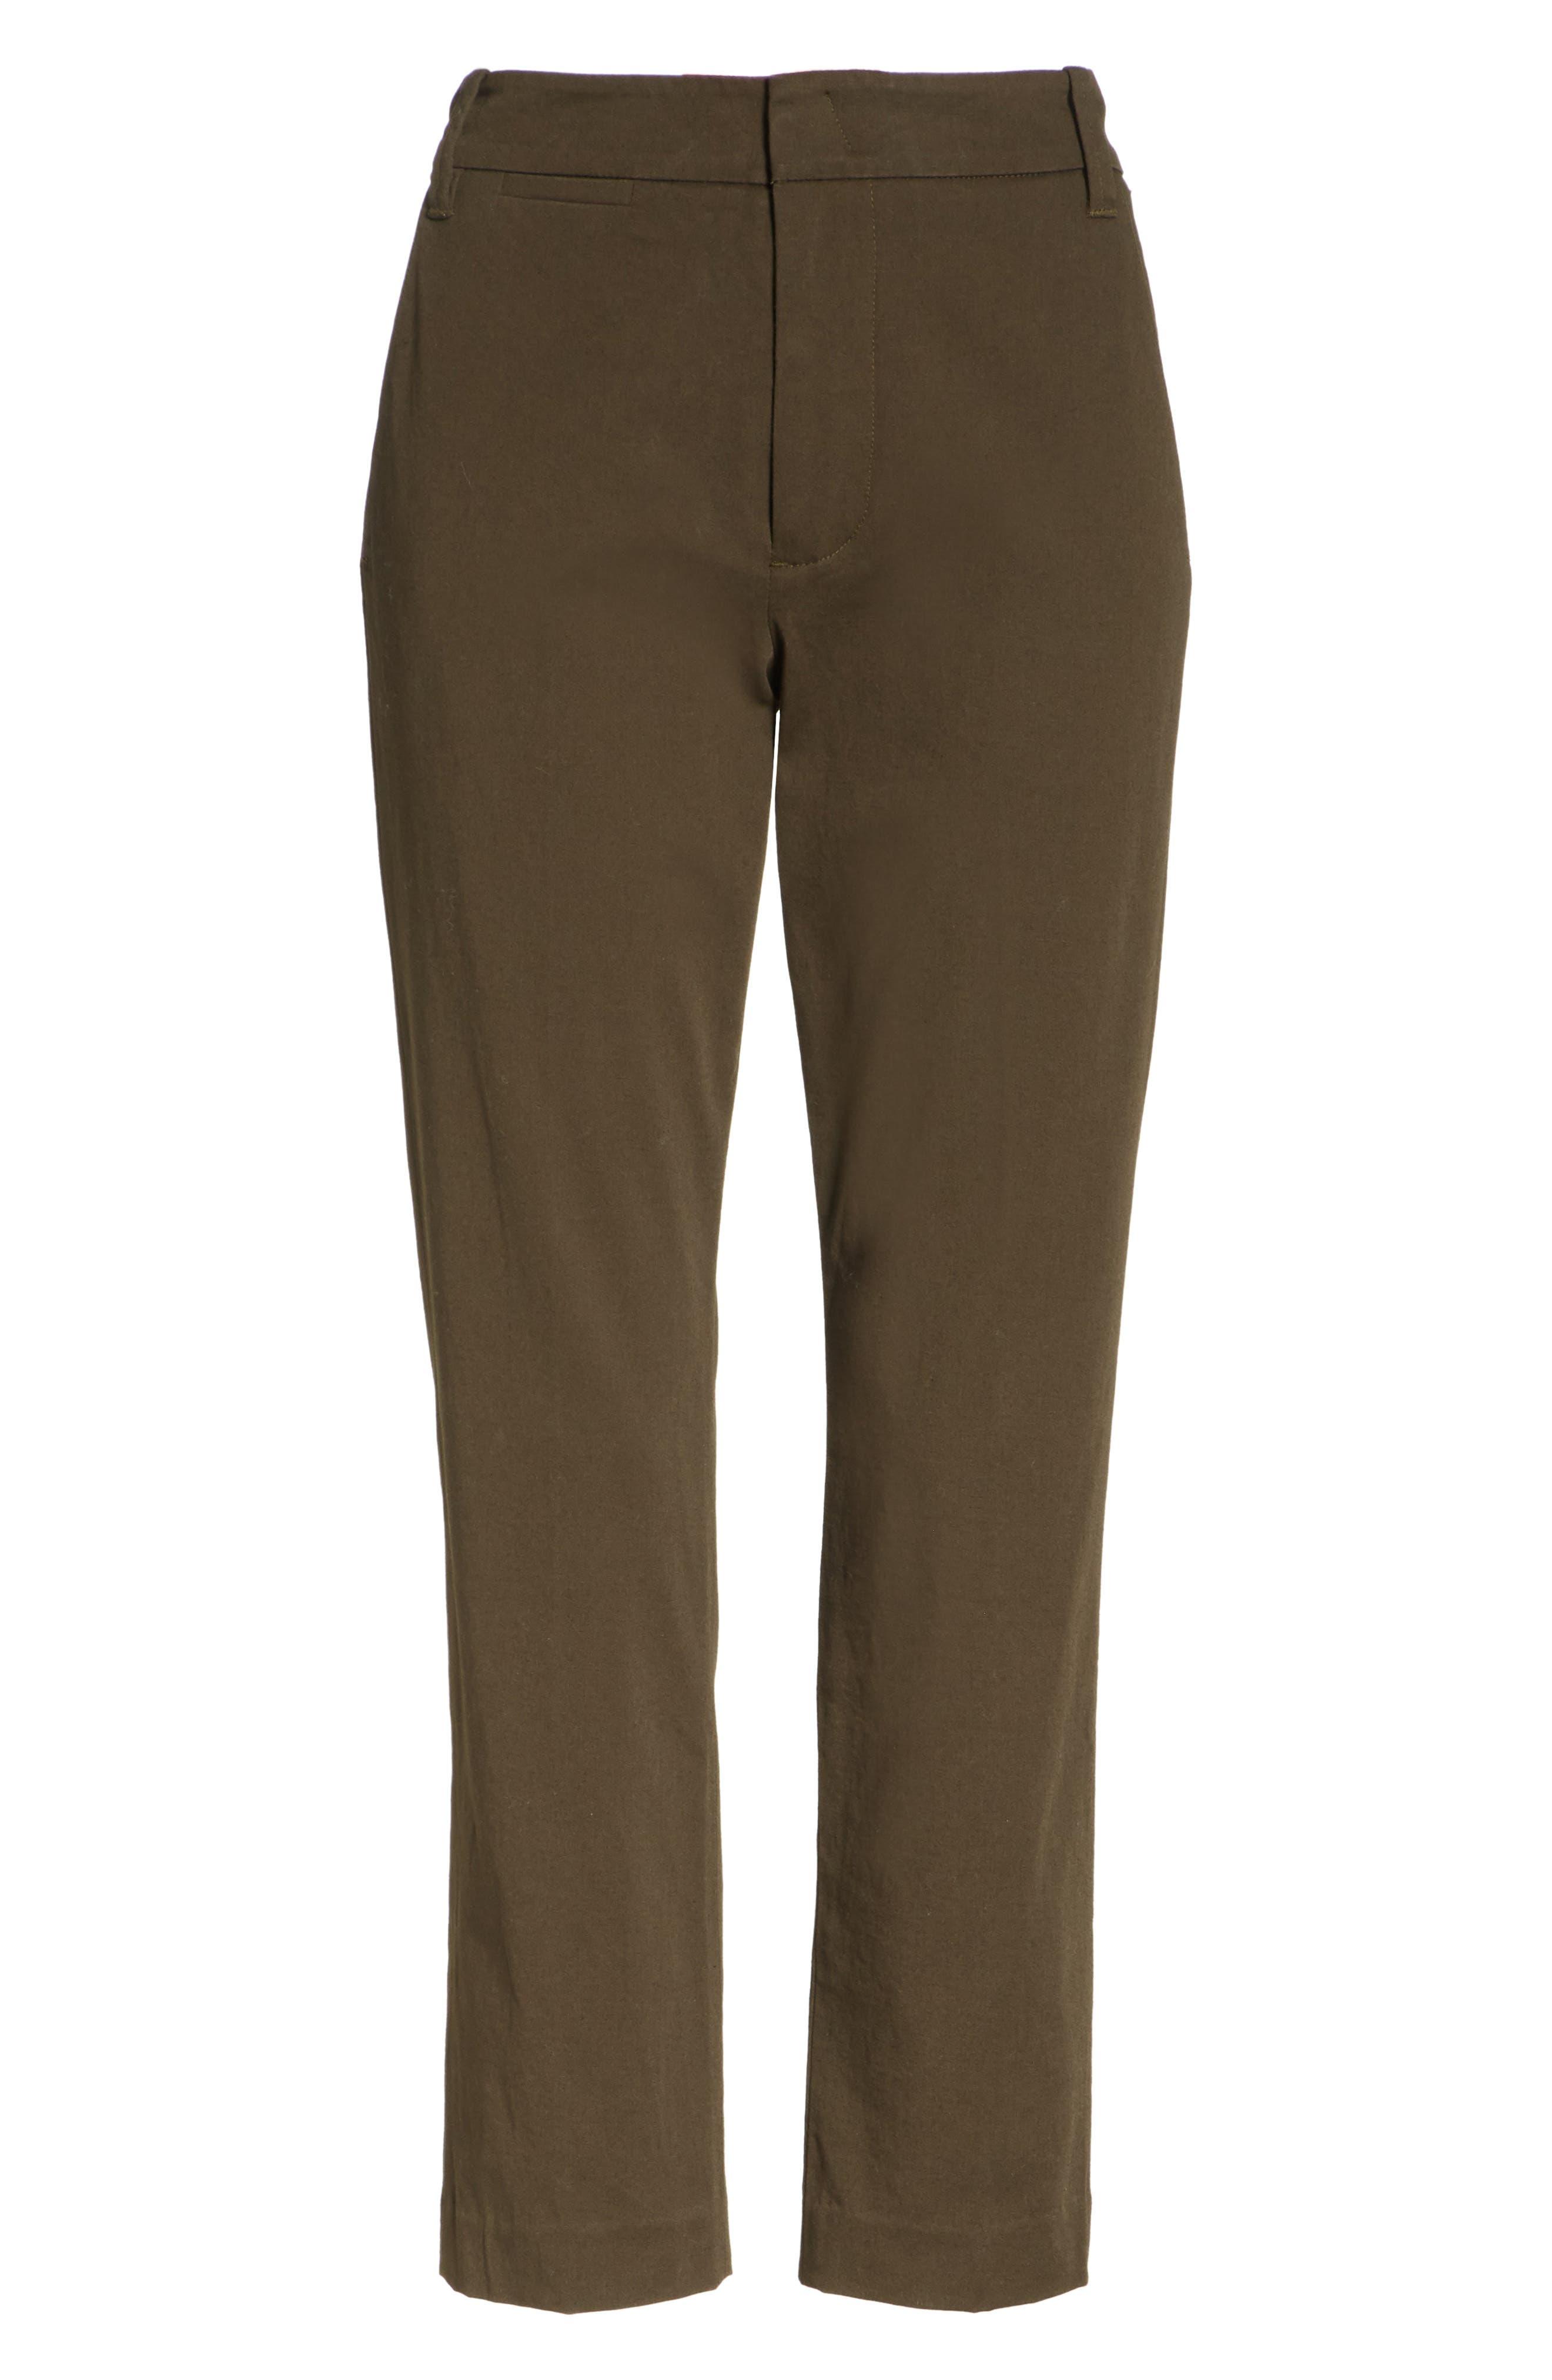 Crop Chino Pants,                             Alternate thumbnail 6, color,                             Pinon Green